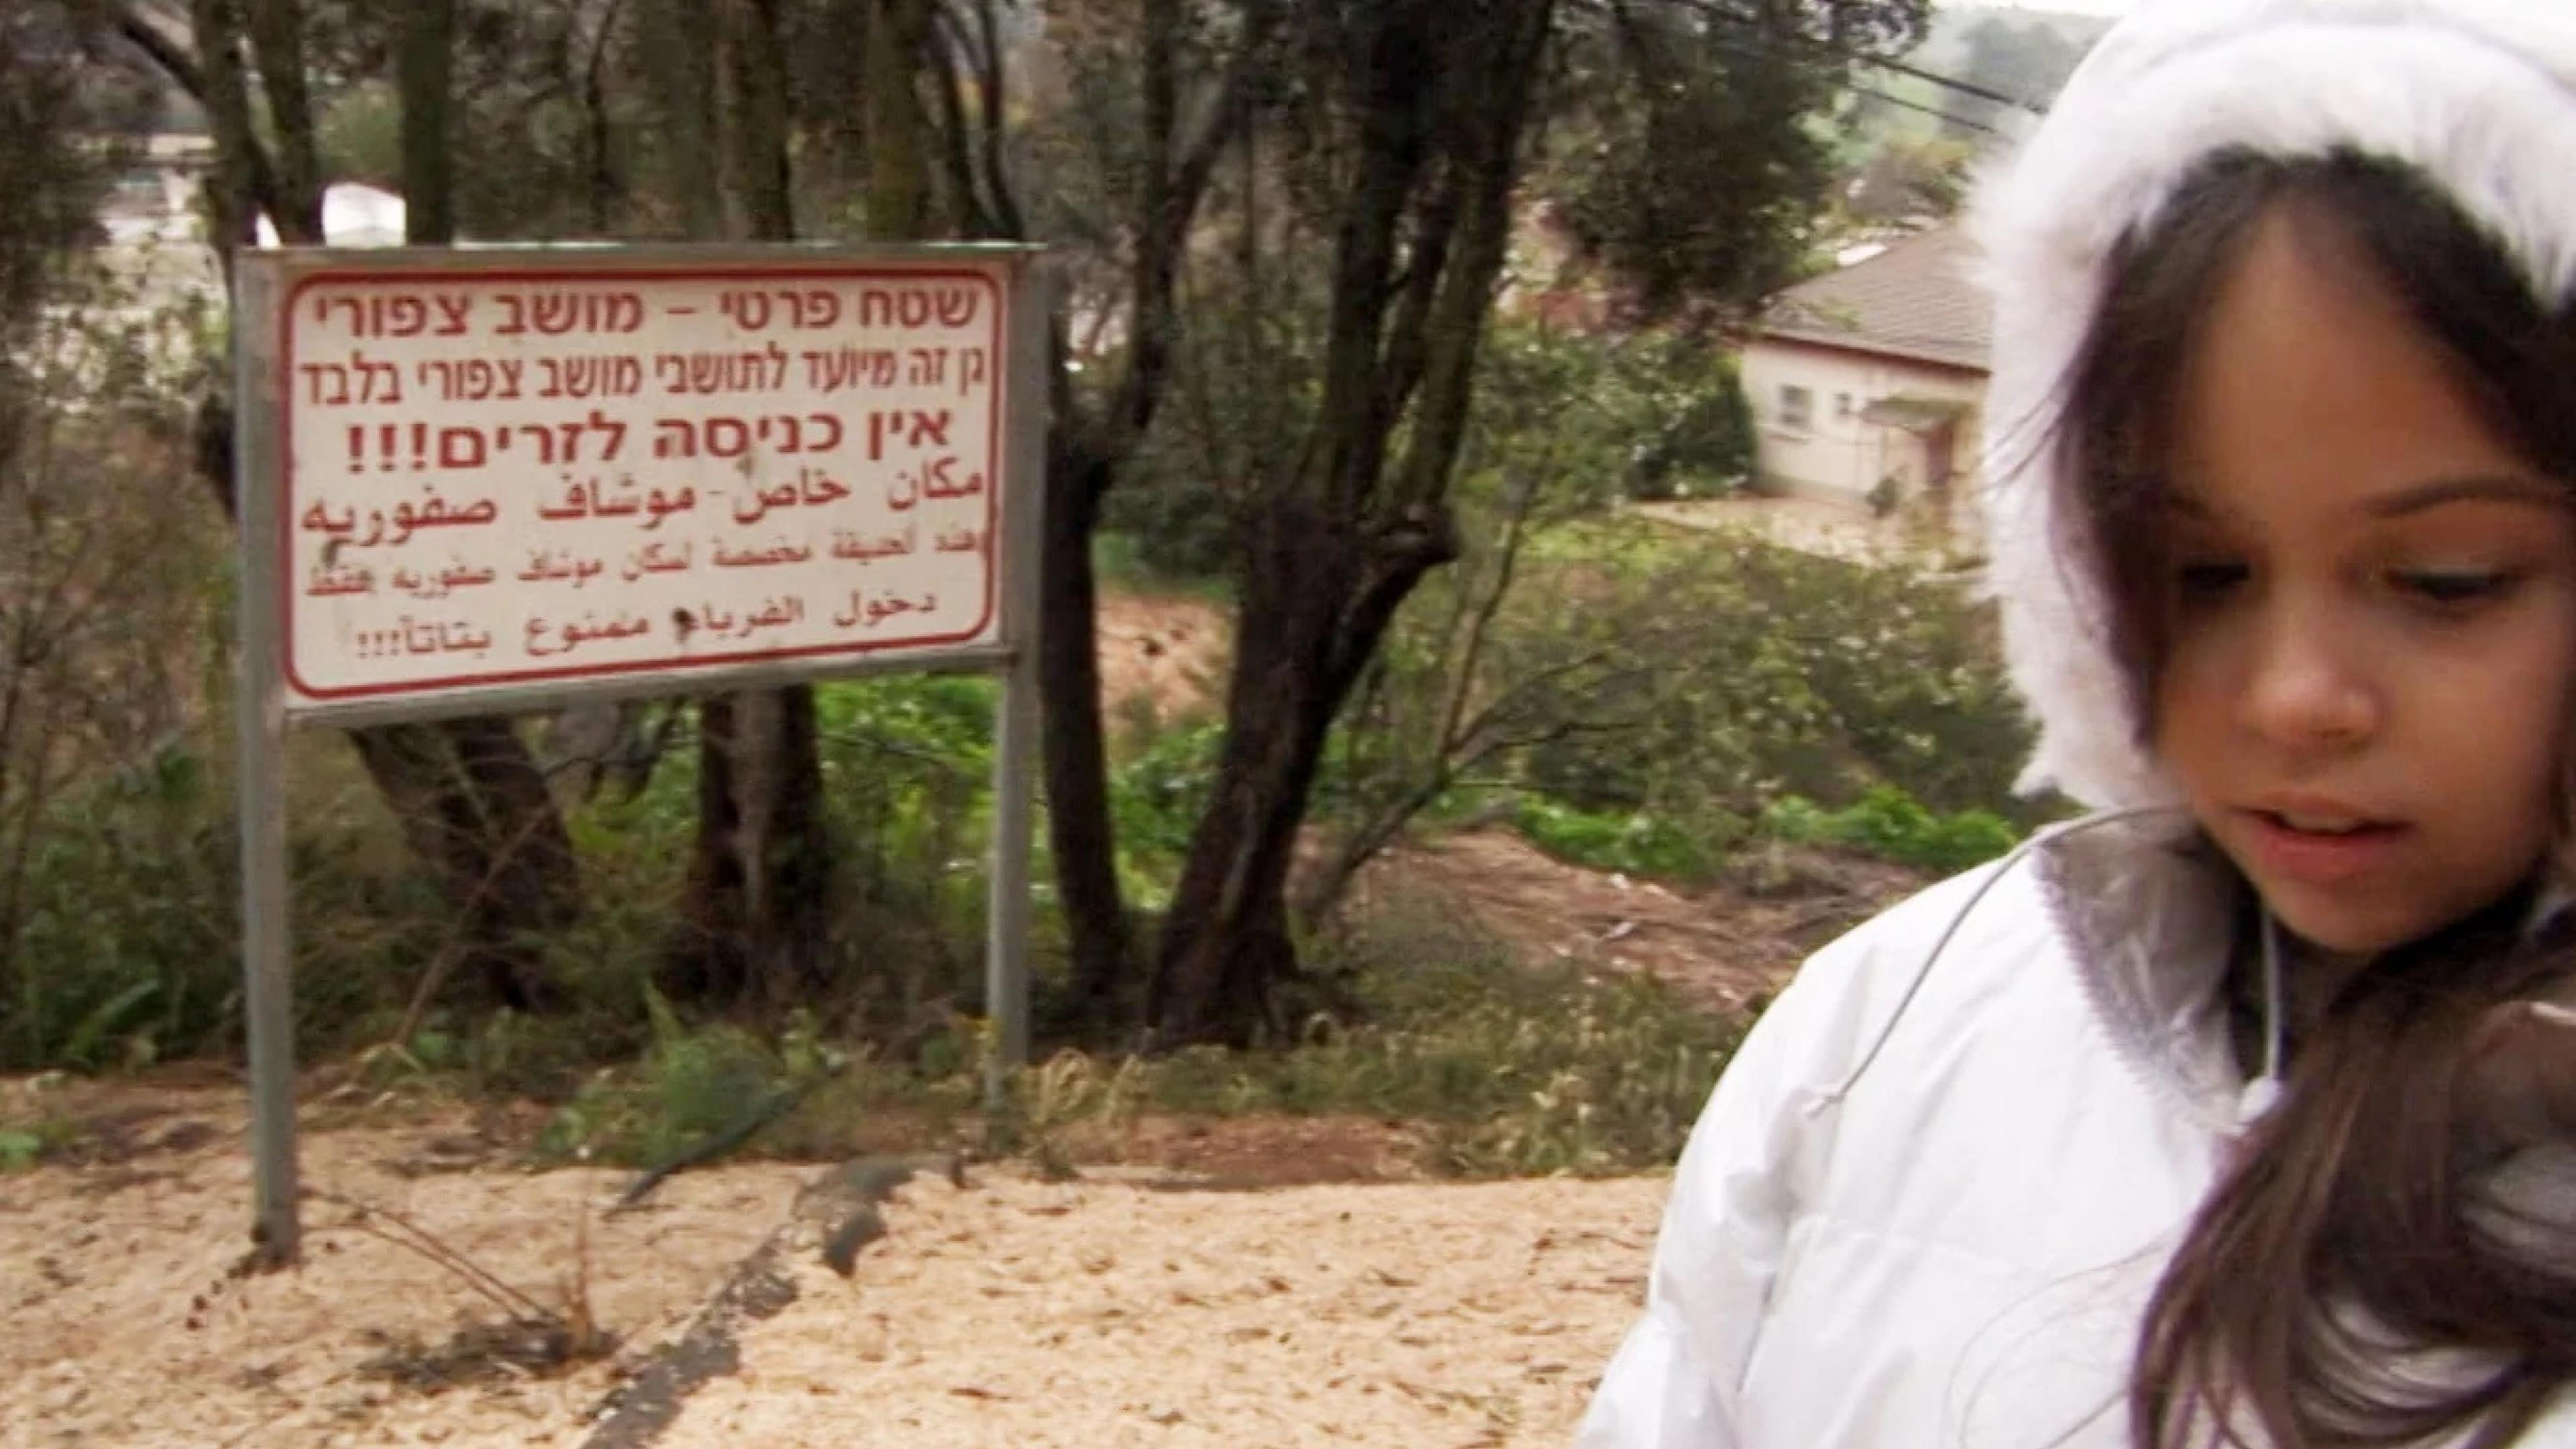 """Filmszene aus """"Once I entered the Garden"""": Ein Mädchen in einer Winterjacke blickt auf den Boden, neben ihm steht ein Hinweisschild in hebräischer und arabischer Schrift."""